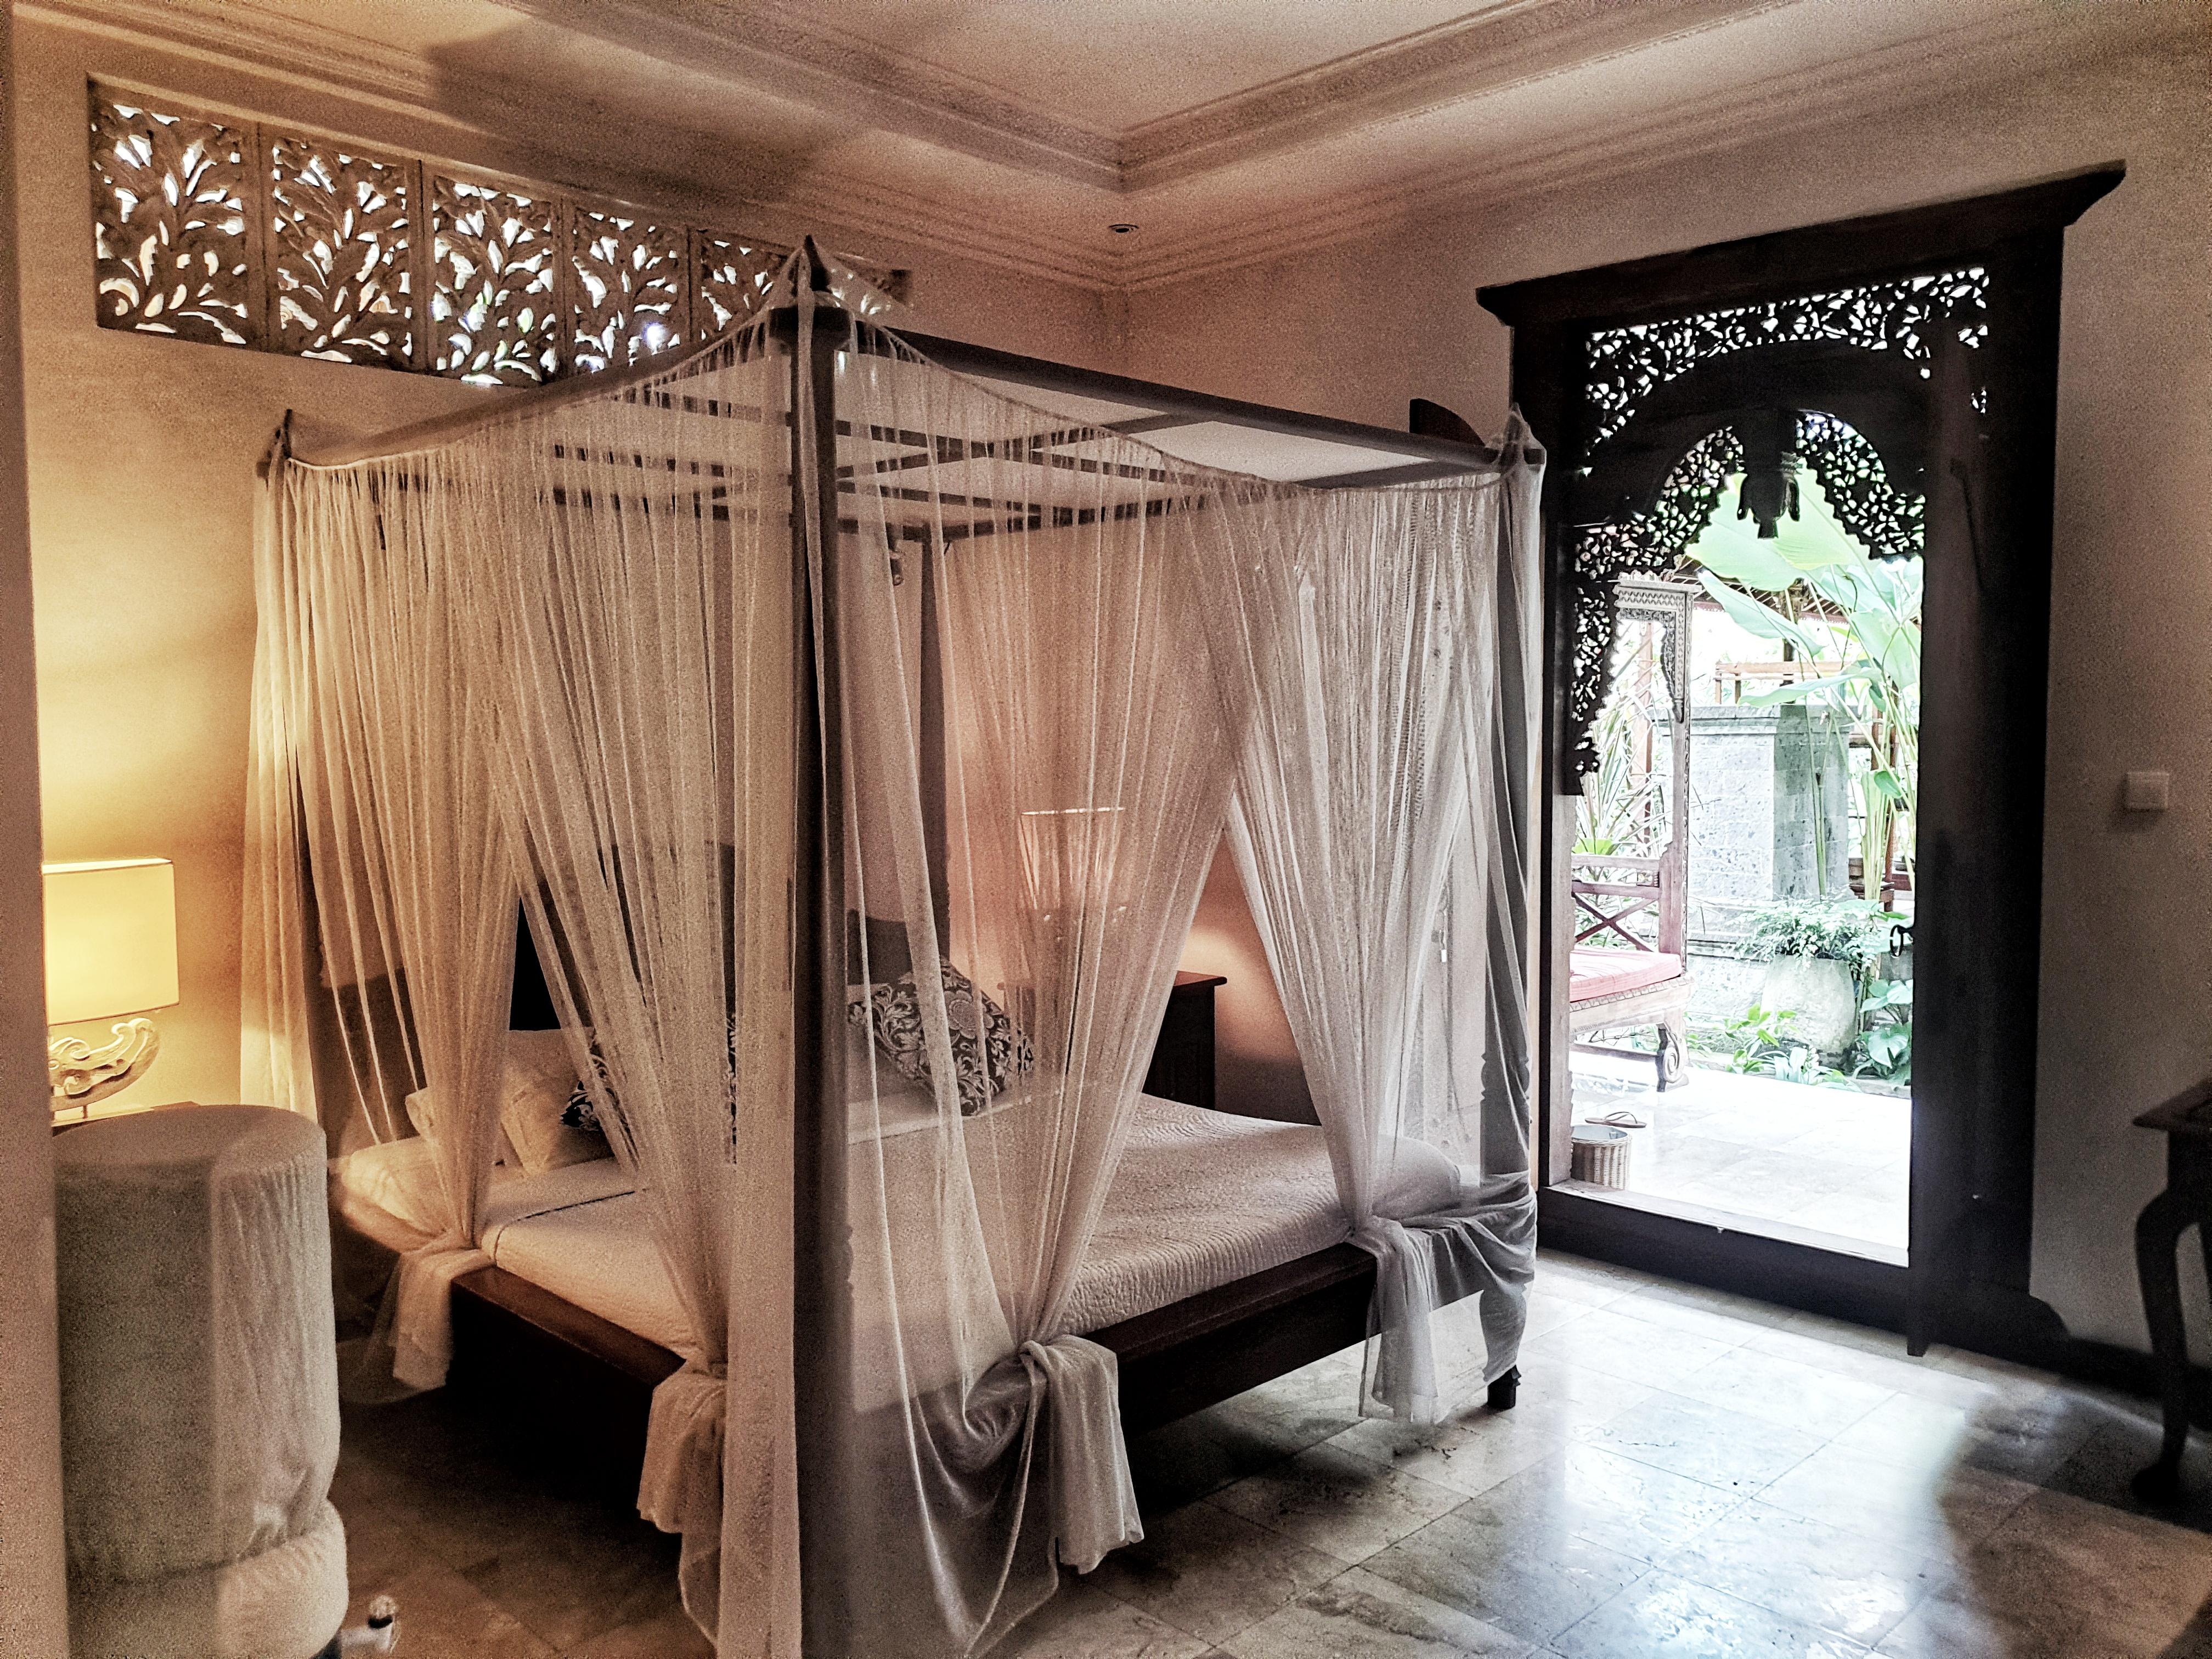 Indra Deluxe Room, Honeymoon Guesthouse, Ubud, Bali, Indonesia